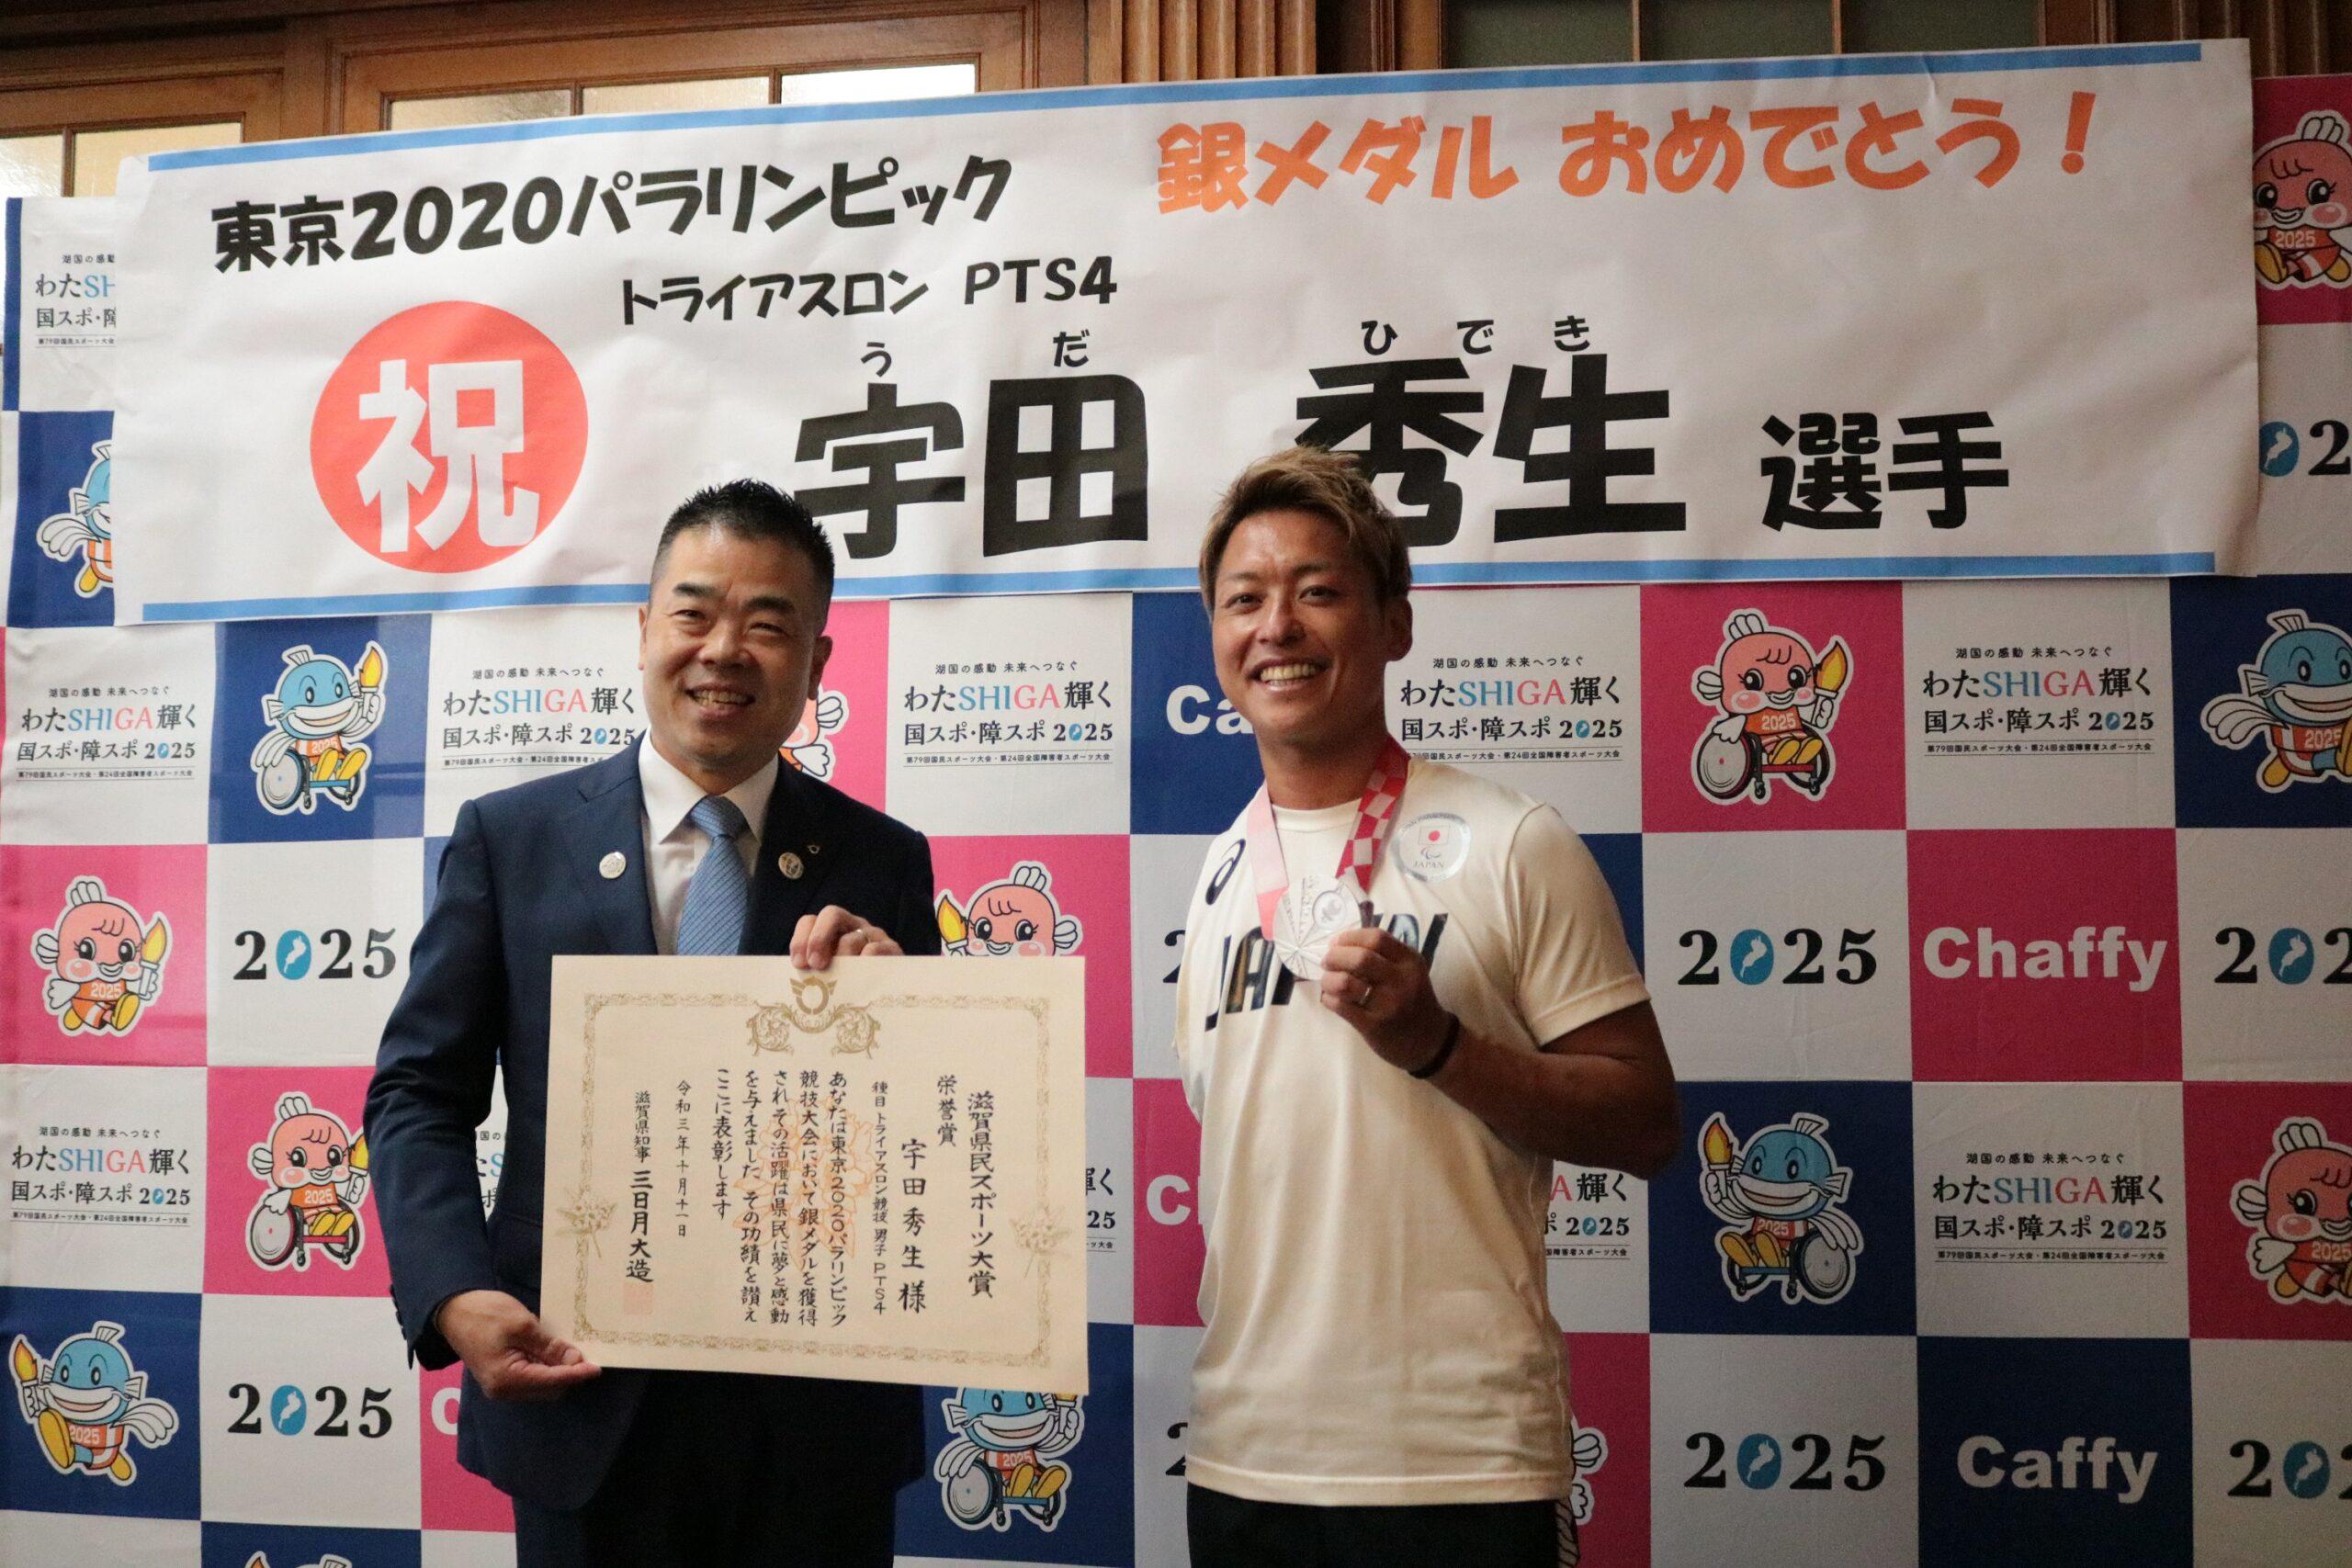 東京2020パラリンピック トライアスロン競技 銀メダルの宇田選手に県民スポーツ大賞「栄誉賞」!!